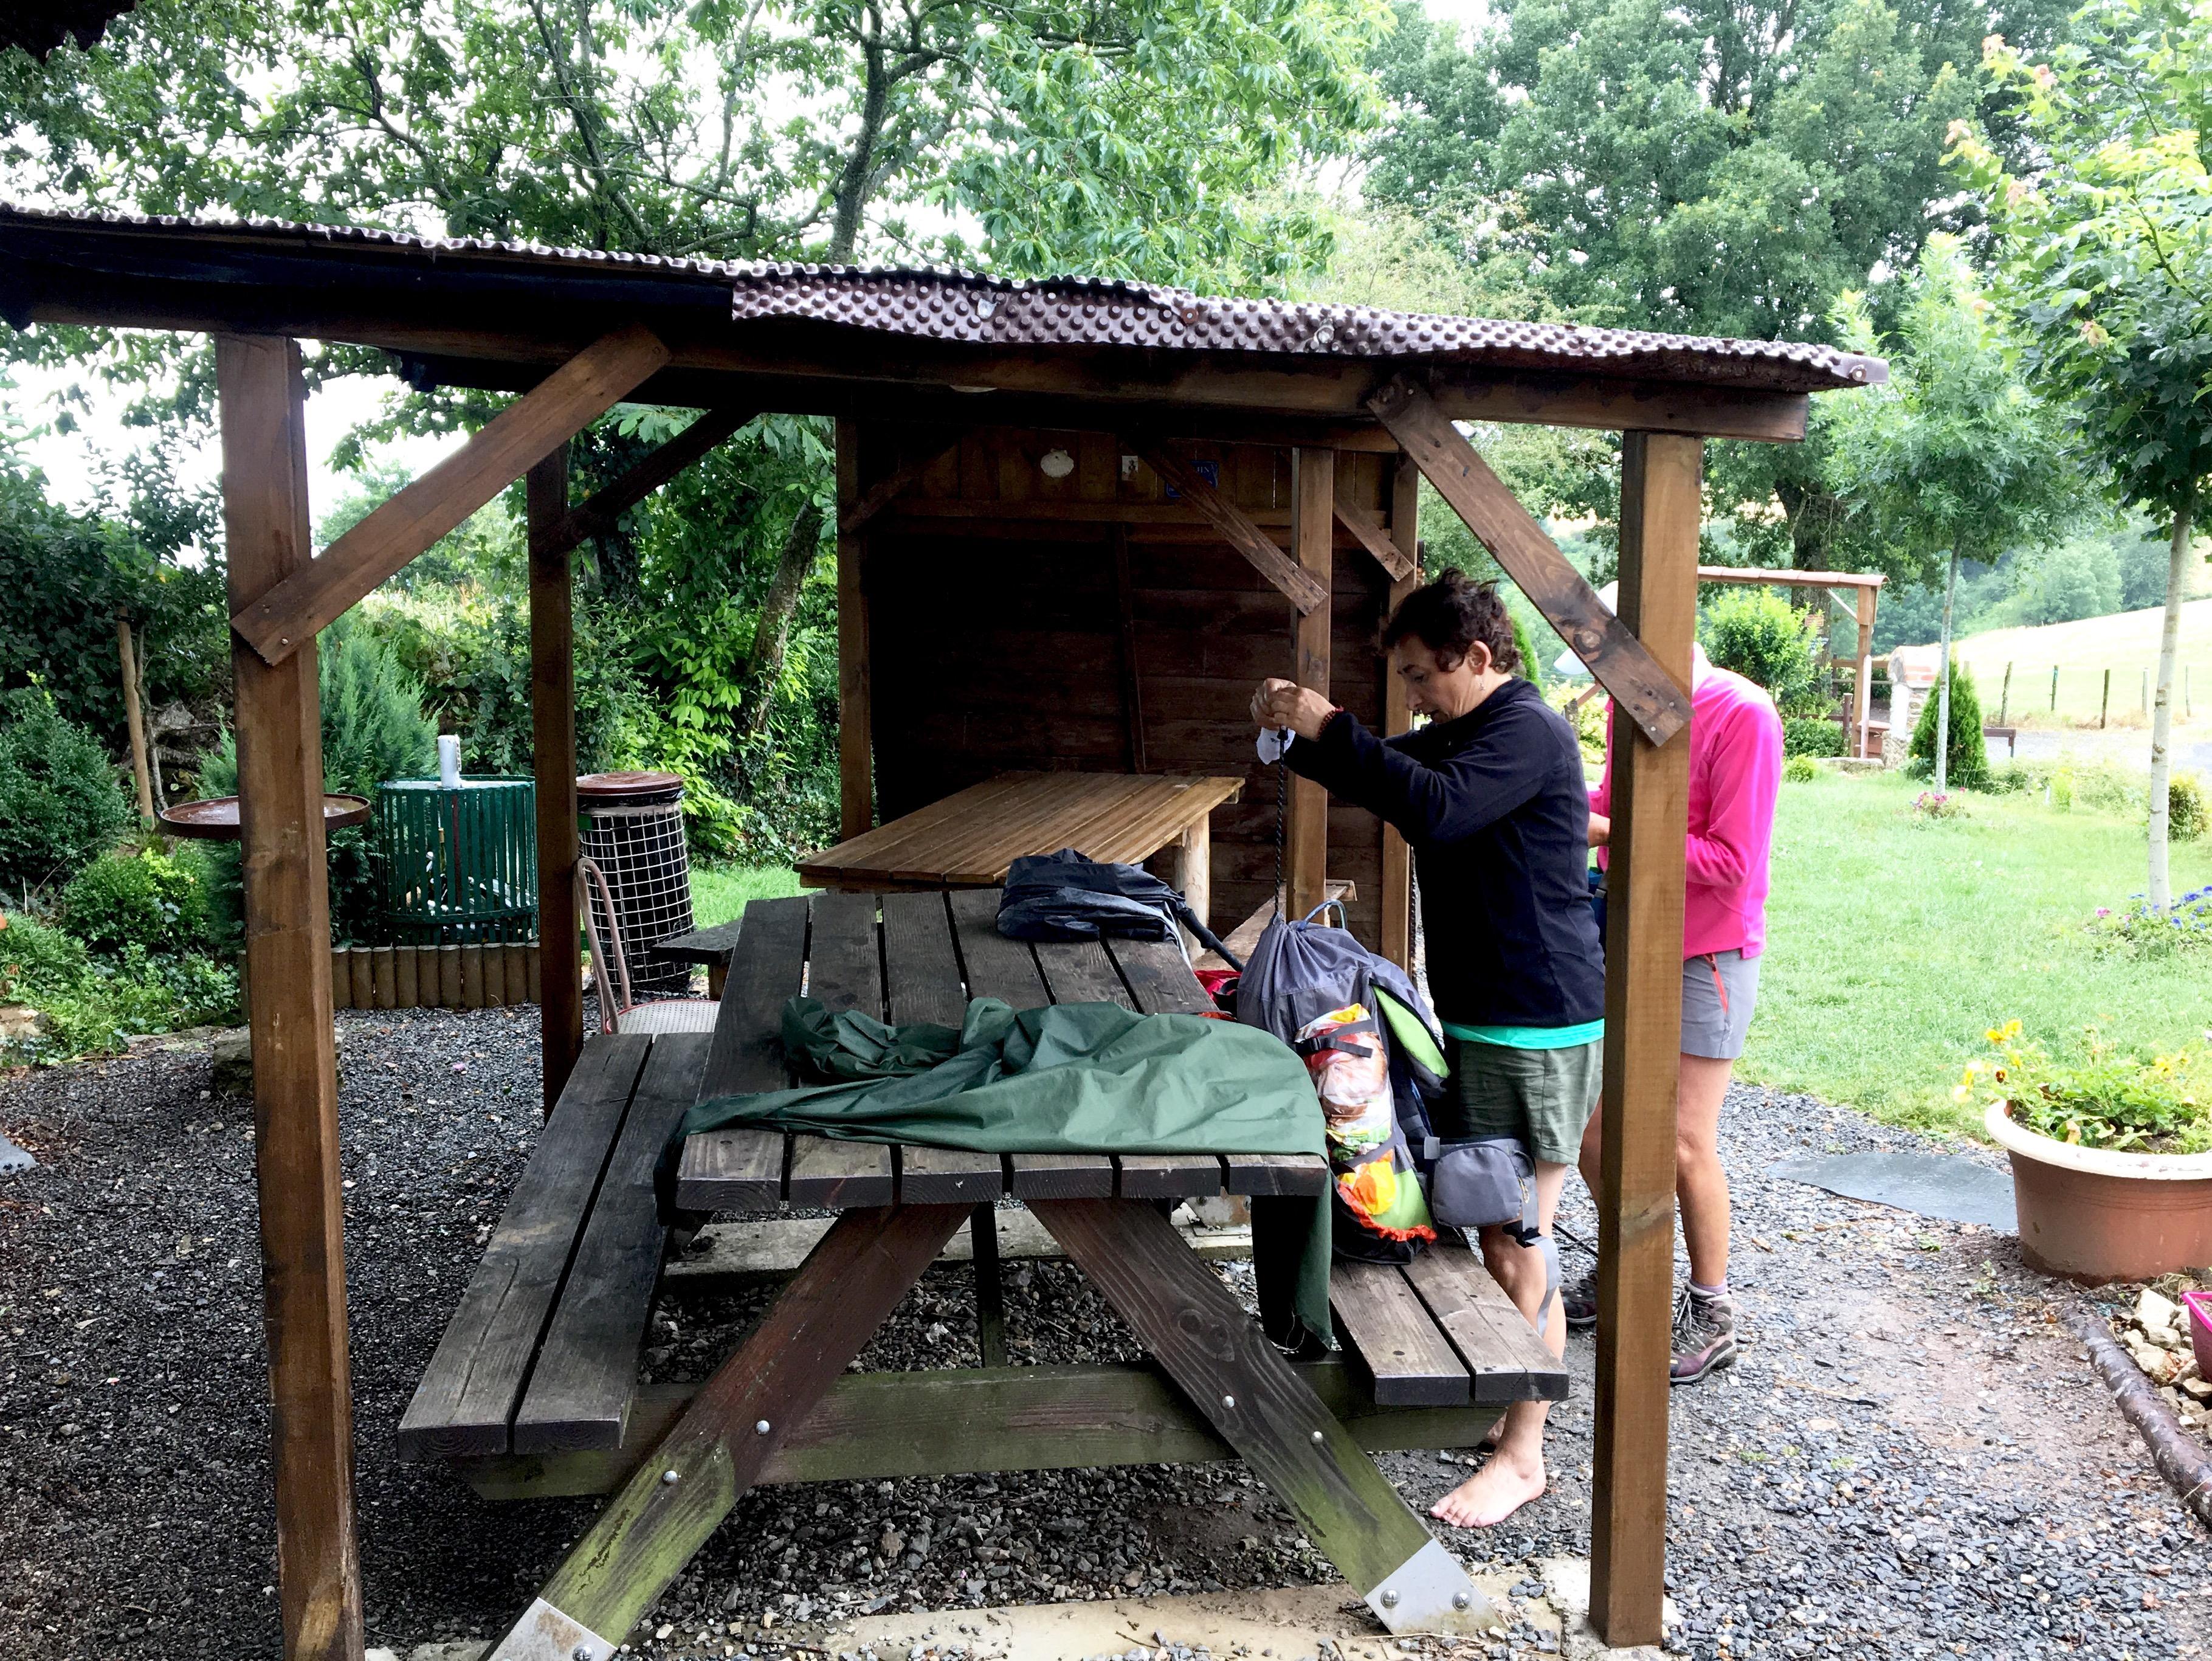 Pilgrim shelter, Chemin du Puy